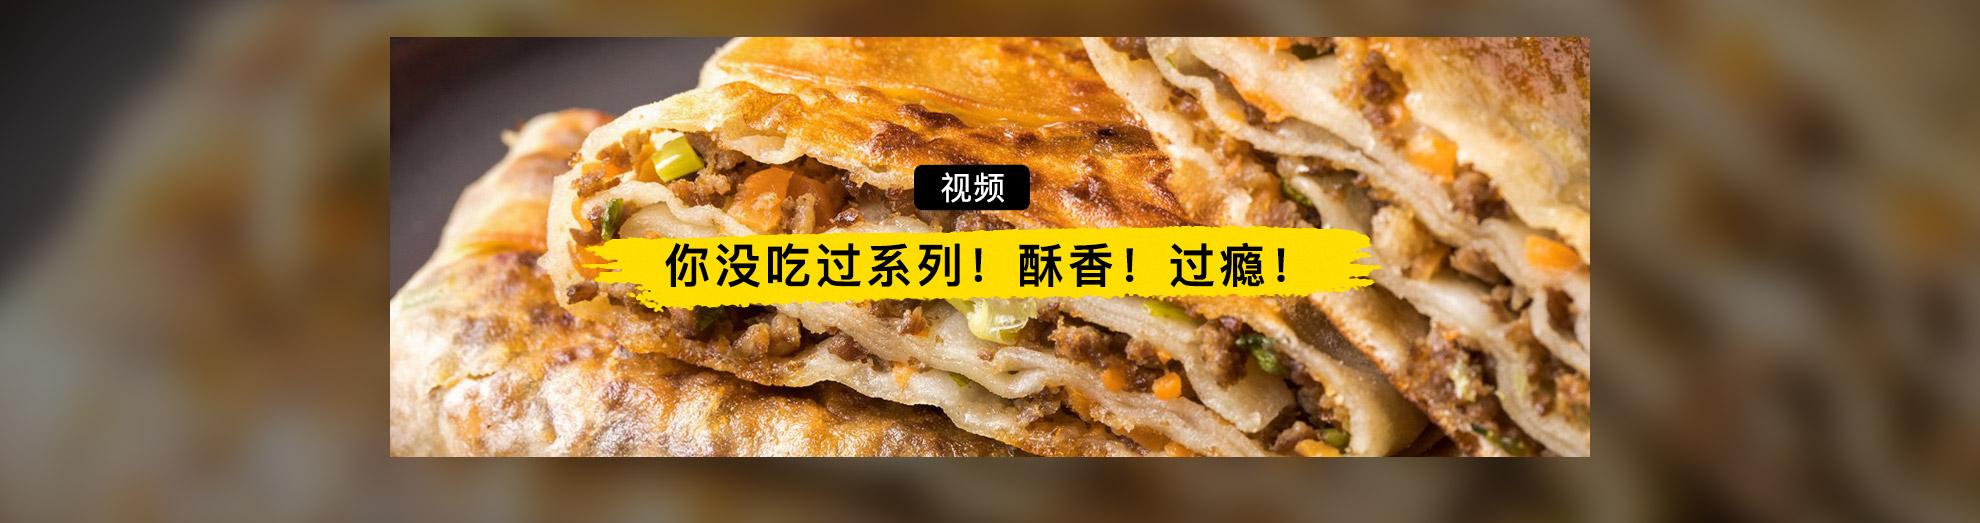 【牛肉千层饼】??!肉饼!千层!酥香!过瘾!}